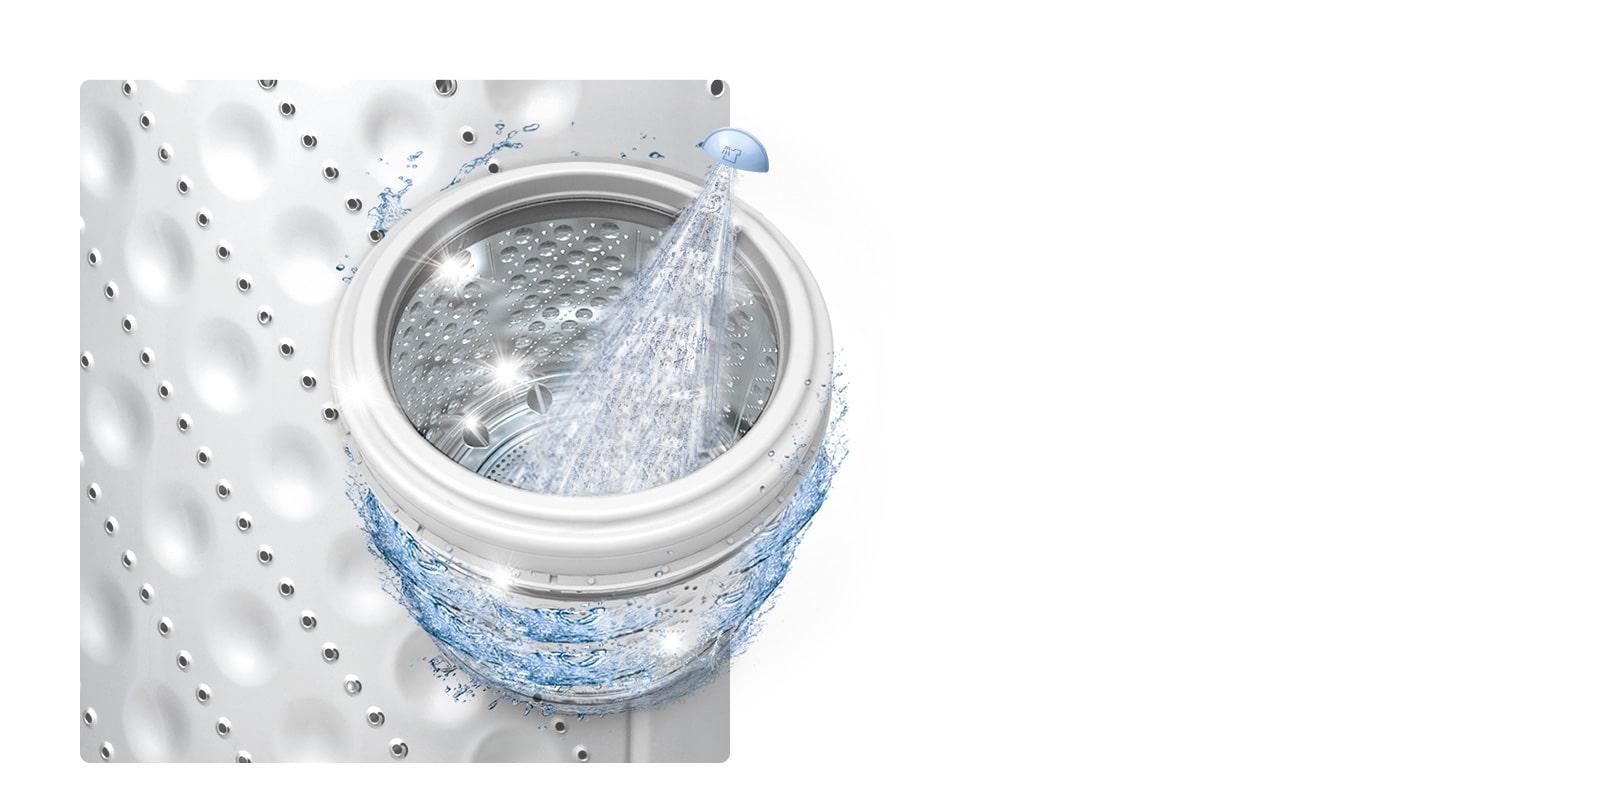 Auto limpieza de tina